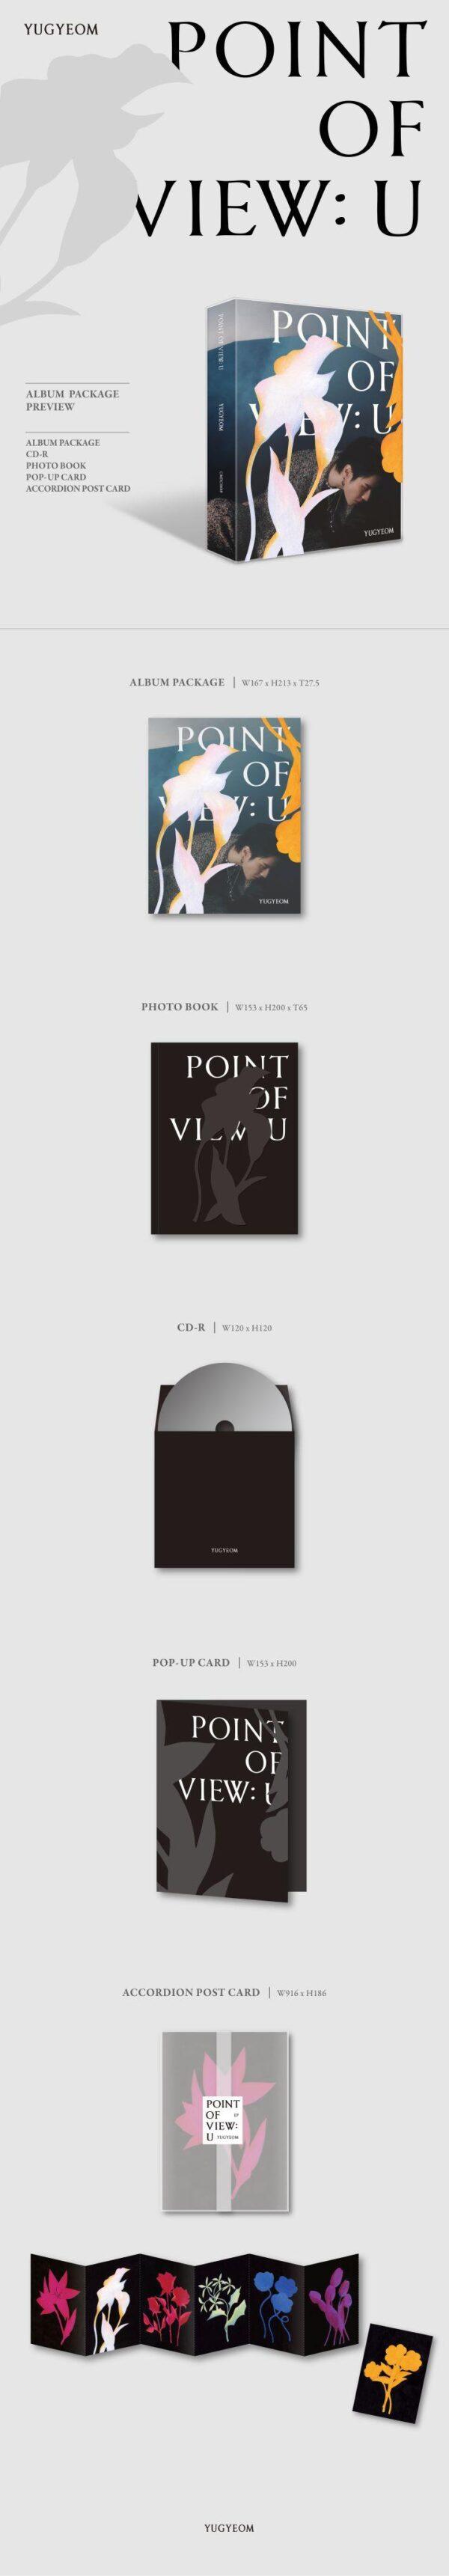 EP Album Point Of View U de de YUGYEOM Ex de GOT7 1